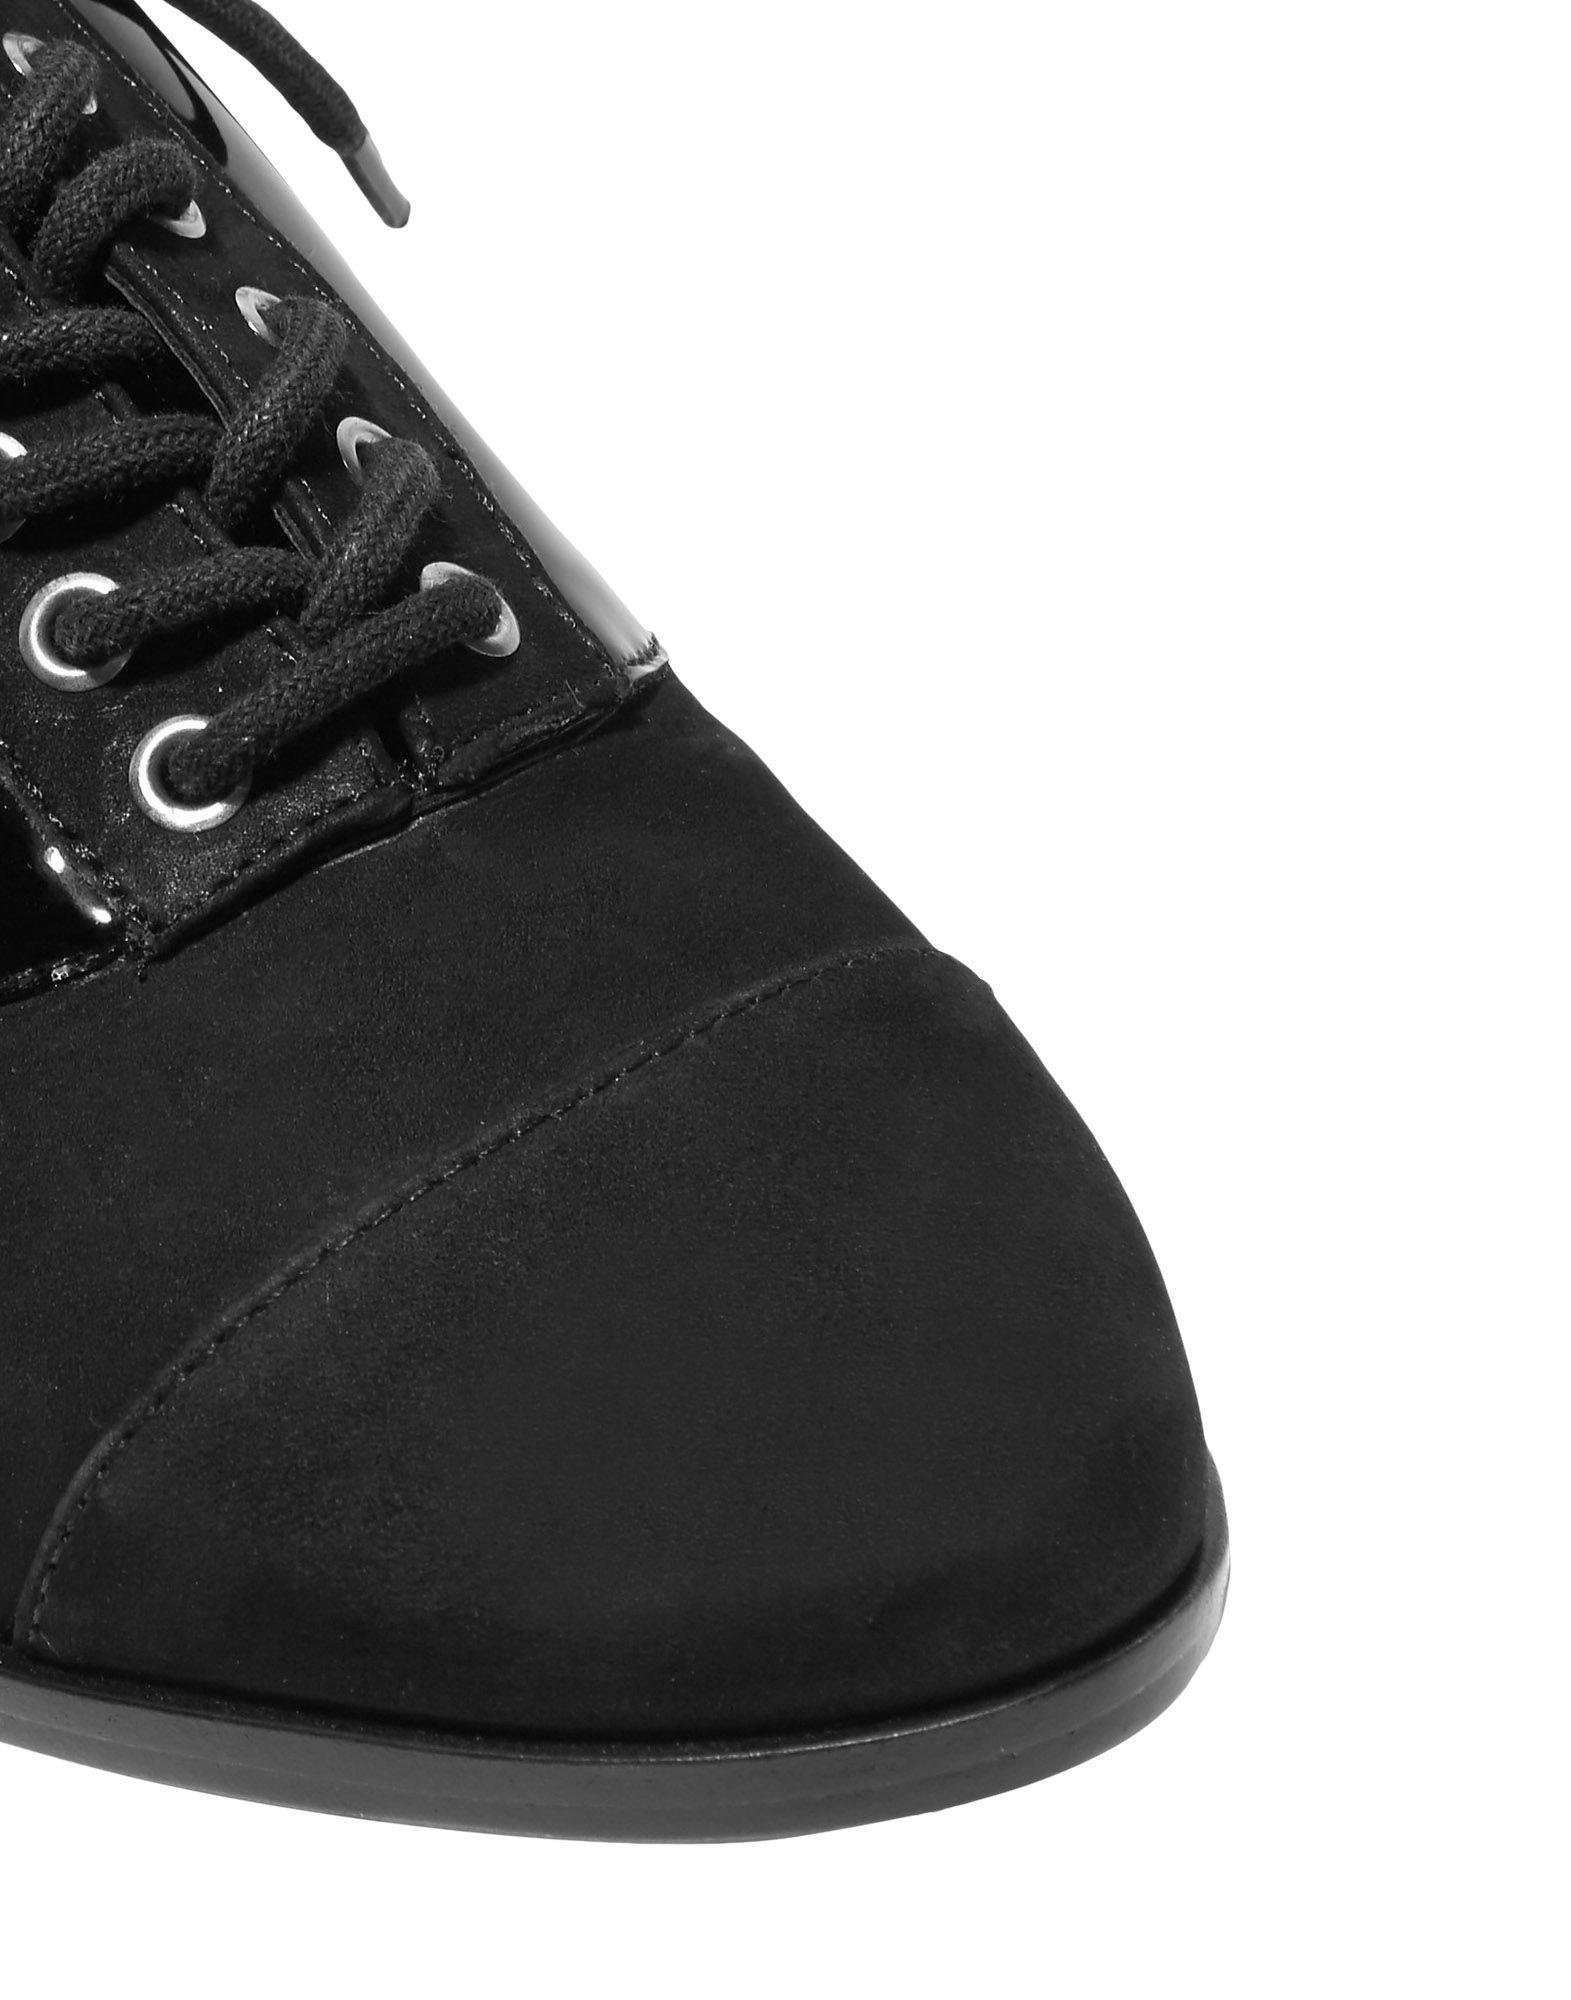 Scarpe economiche e resistenti Mule Schutz Donna - 11515063AR